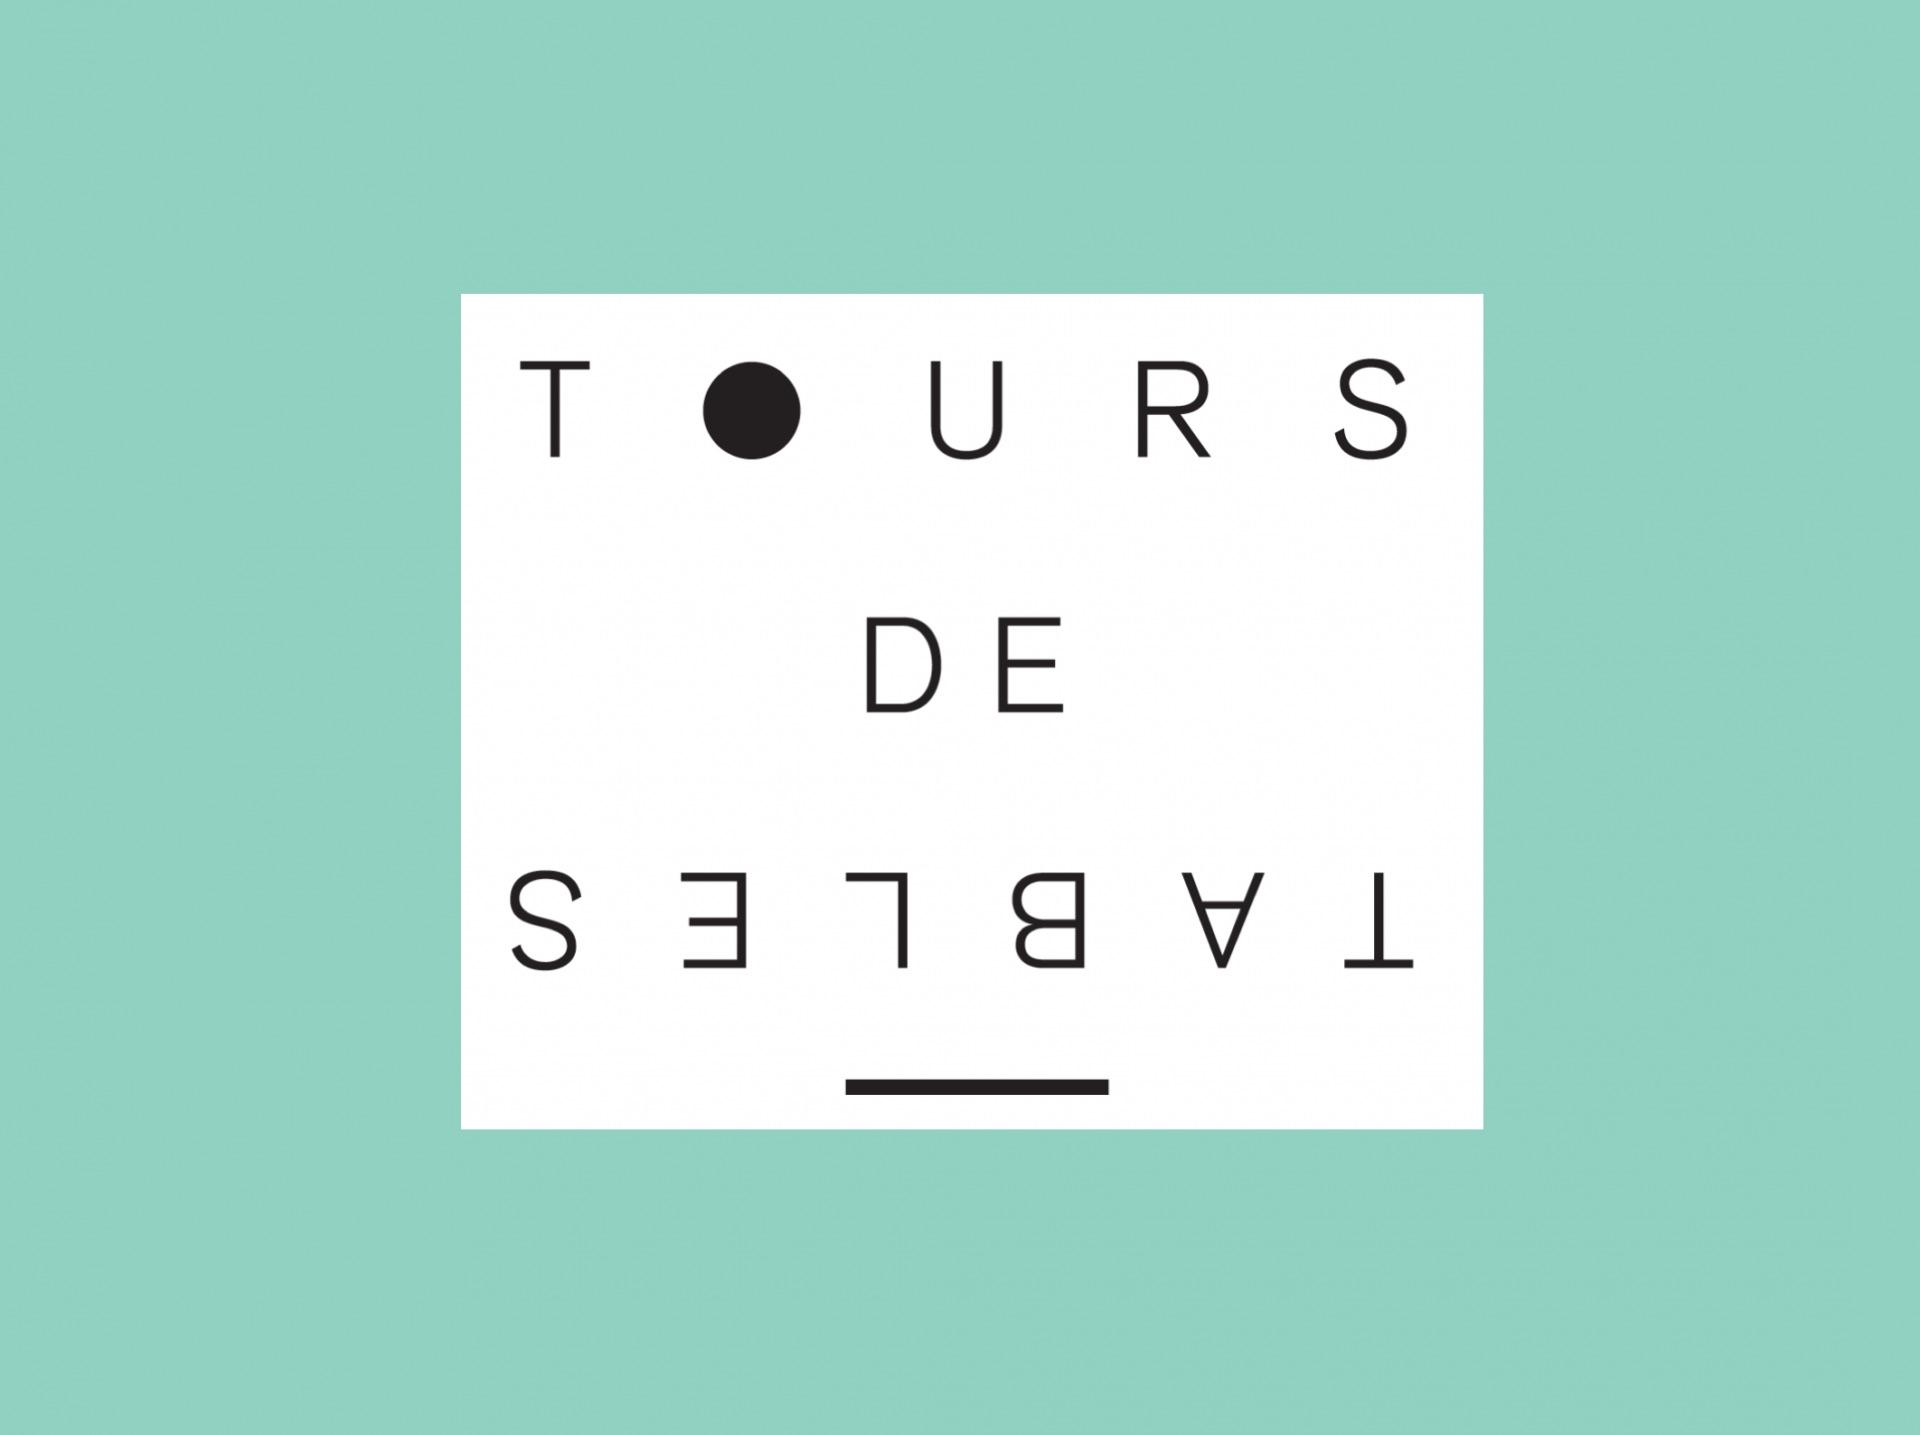 Amplifier   Montréal :Tours de tables, rencontres de citoyens montréalais pour échanger sur la manière dont ils perçoivent leur ville et voudraient la voir évoluer.